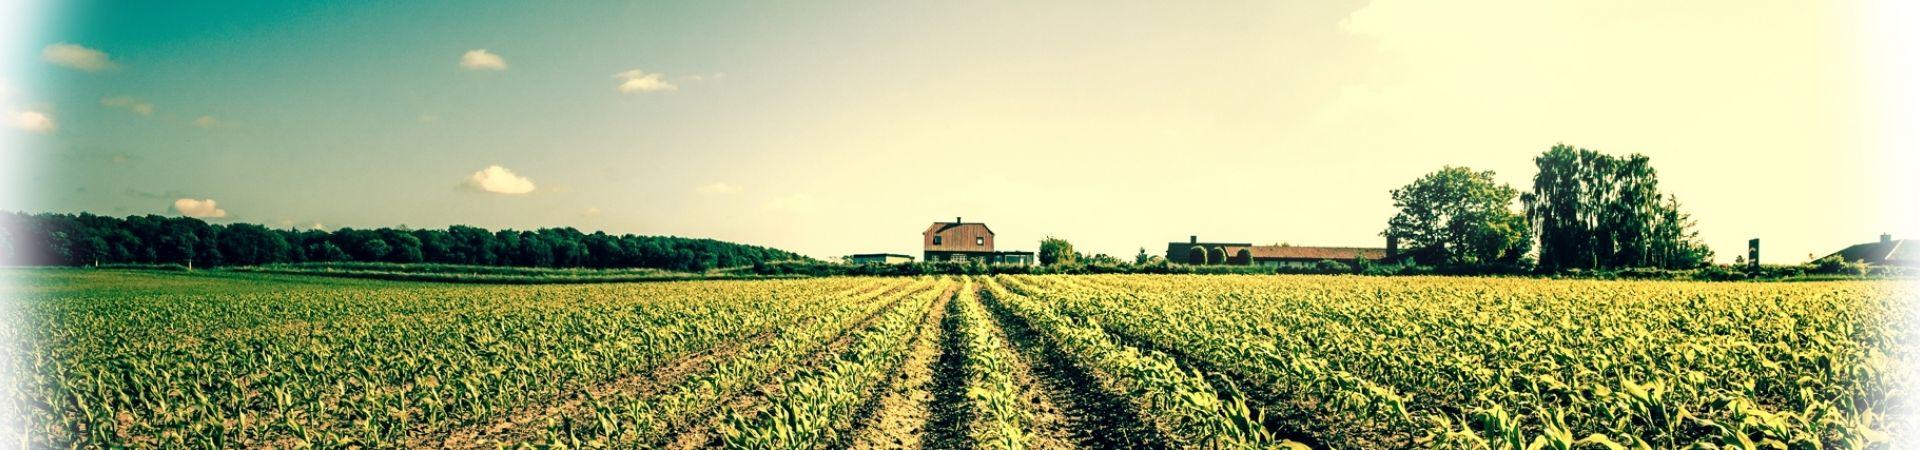 Farmland wider